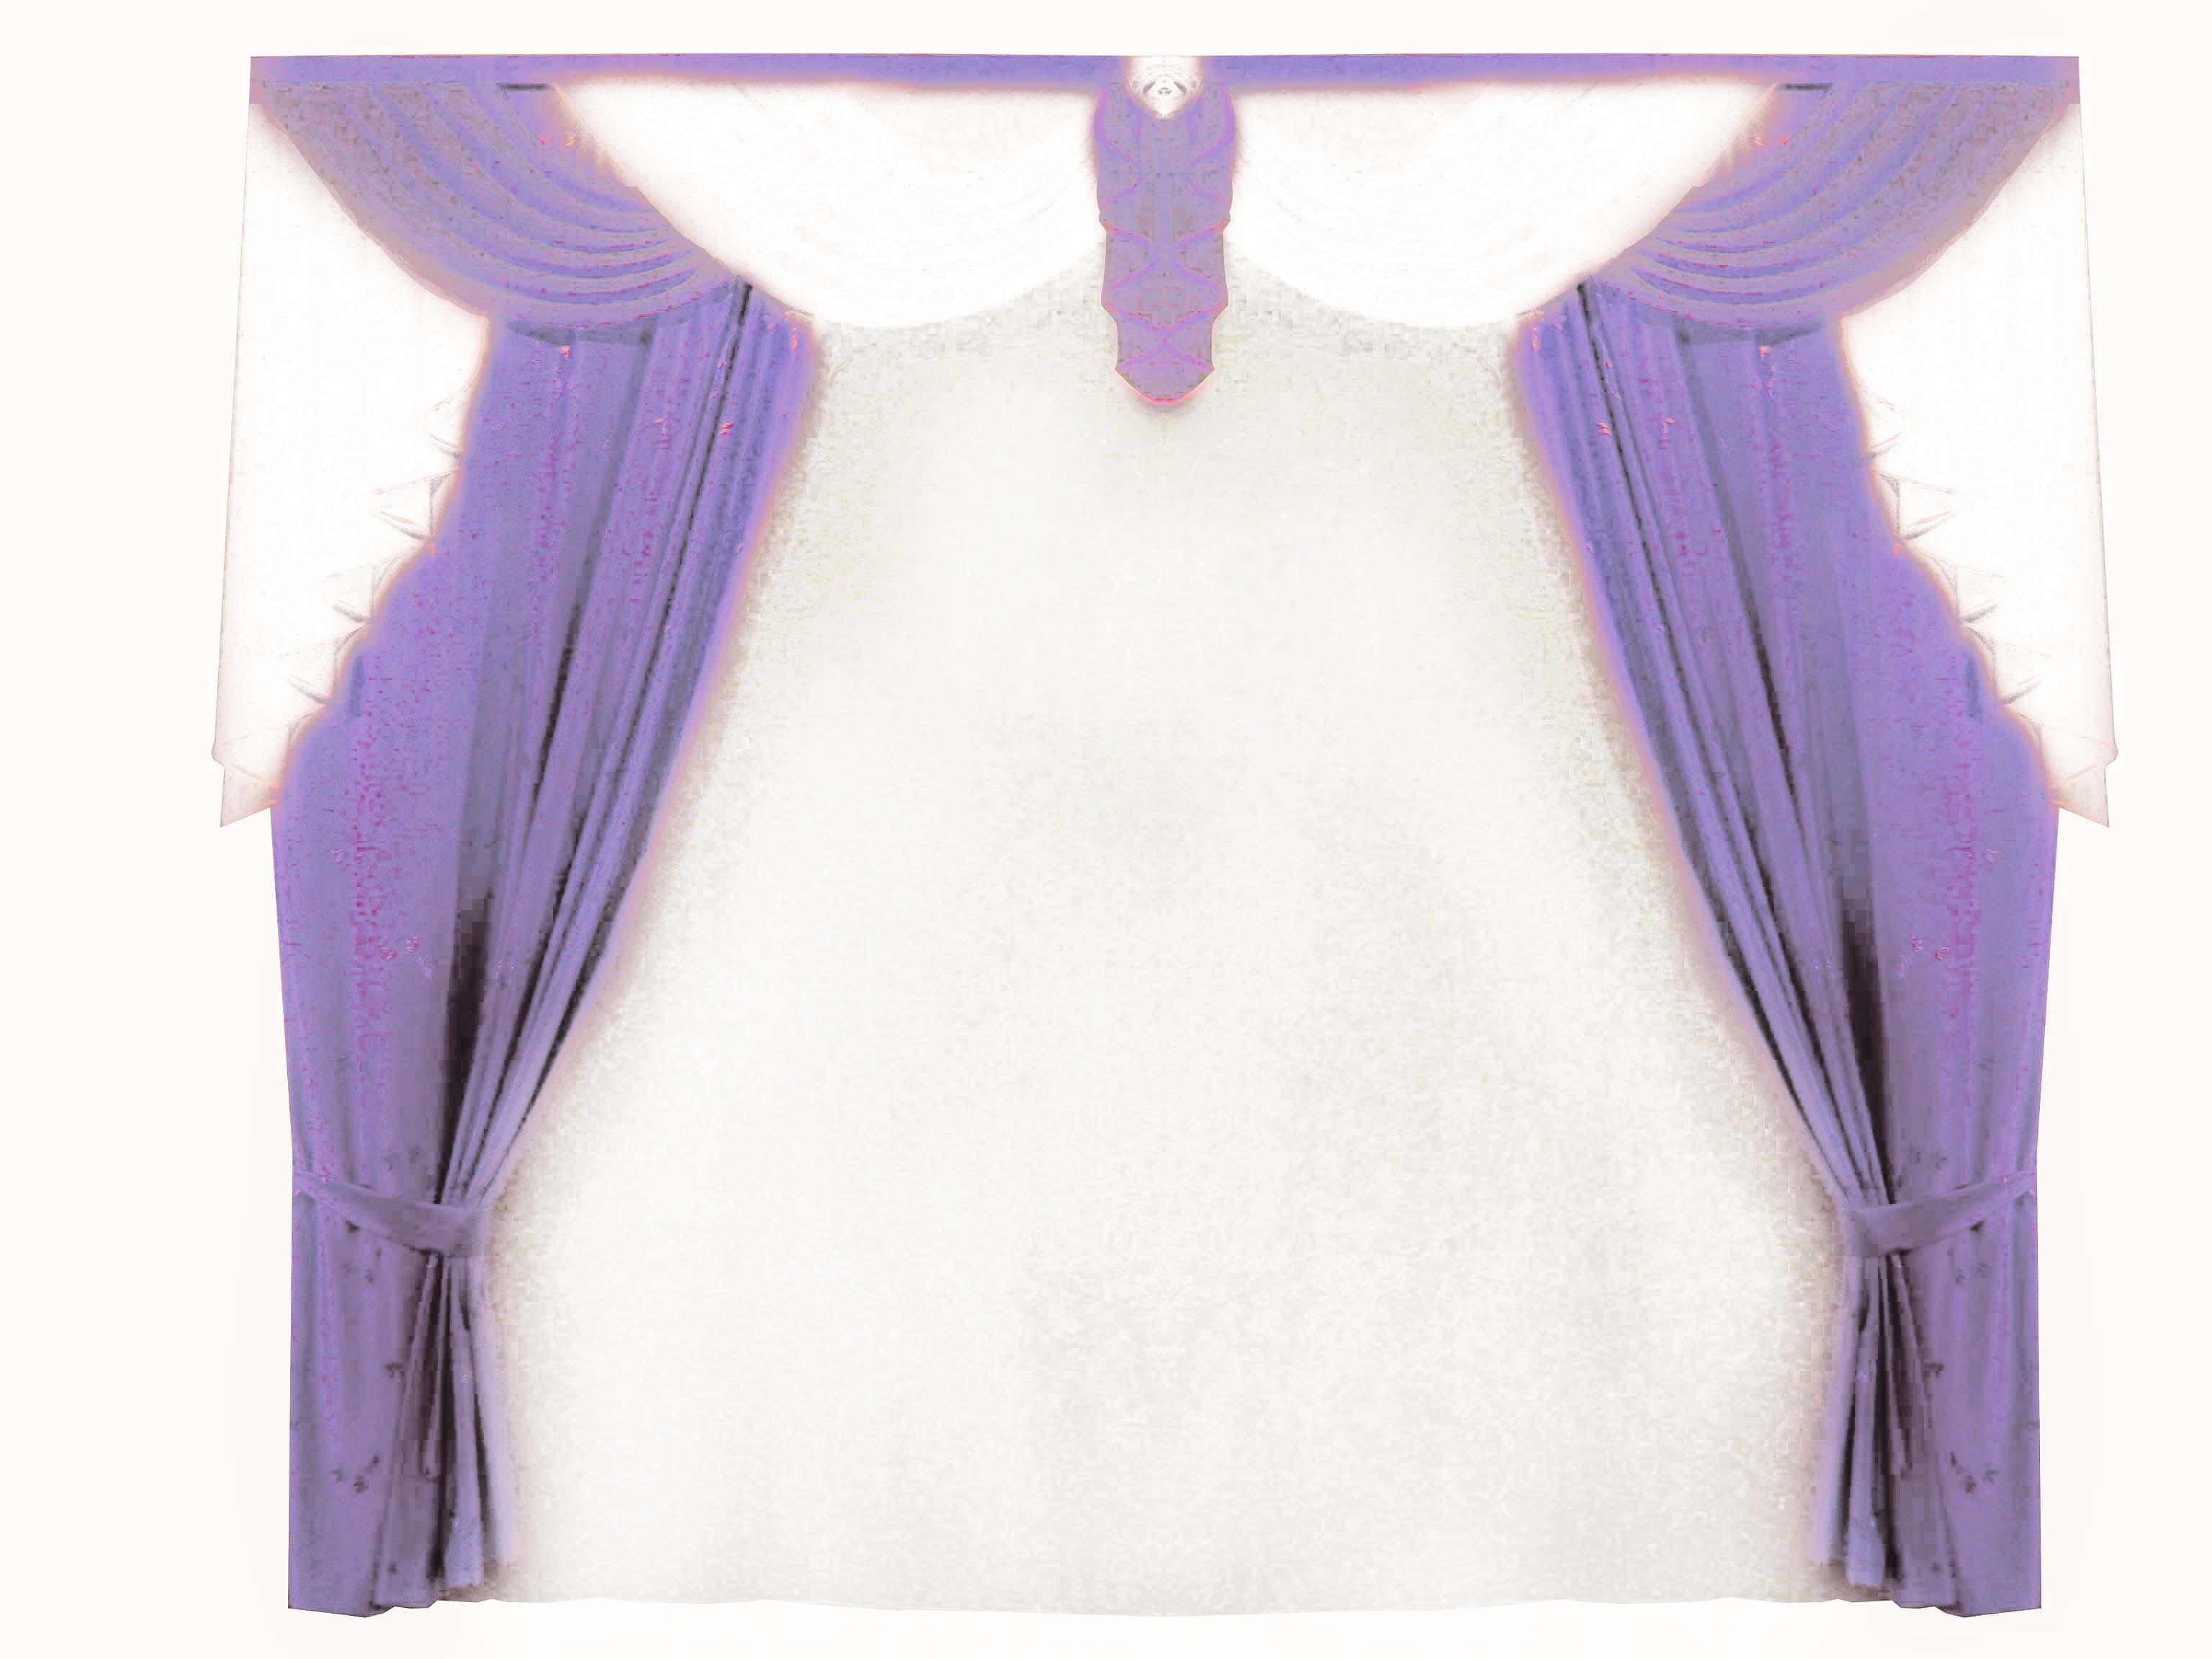 Шторы для комнатыДля комнаты<br>Великолепный вуалевый комплект, который украсит спальню, гостиную, детскую комнату. Эти готовые шторы, подойдут к любому интерьеру.   Рекомендуемая ширина карниза 400*270 см  Цвет: белый, сиреневый Тюль белый прозрачный<br><br>По стилю: Классические шторы<br>По материалу: Вуаль<br>По рисунку: Однотонные<br>Карниз: Двухрядный<br>Размер: 4.0*2.7<br>Материал: None<br>Количество в наличии: 1